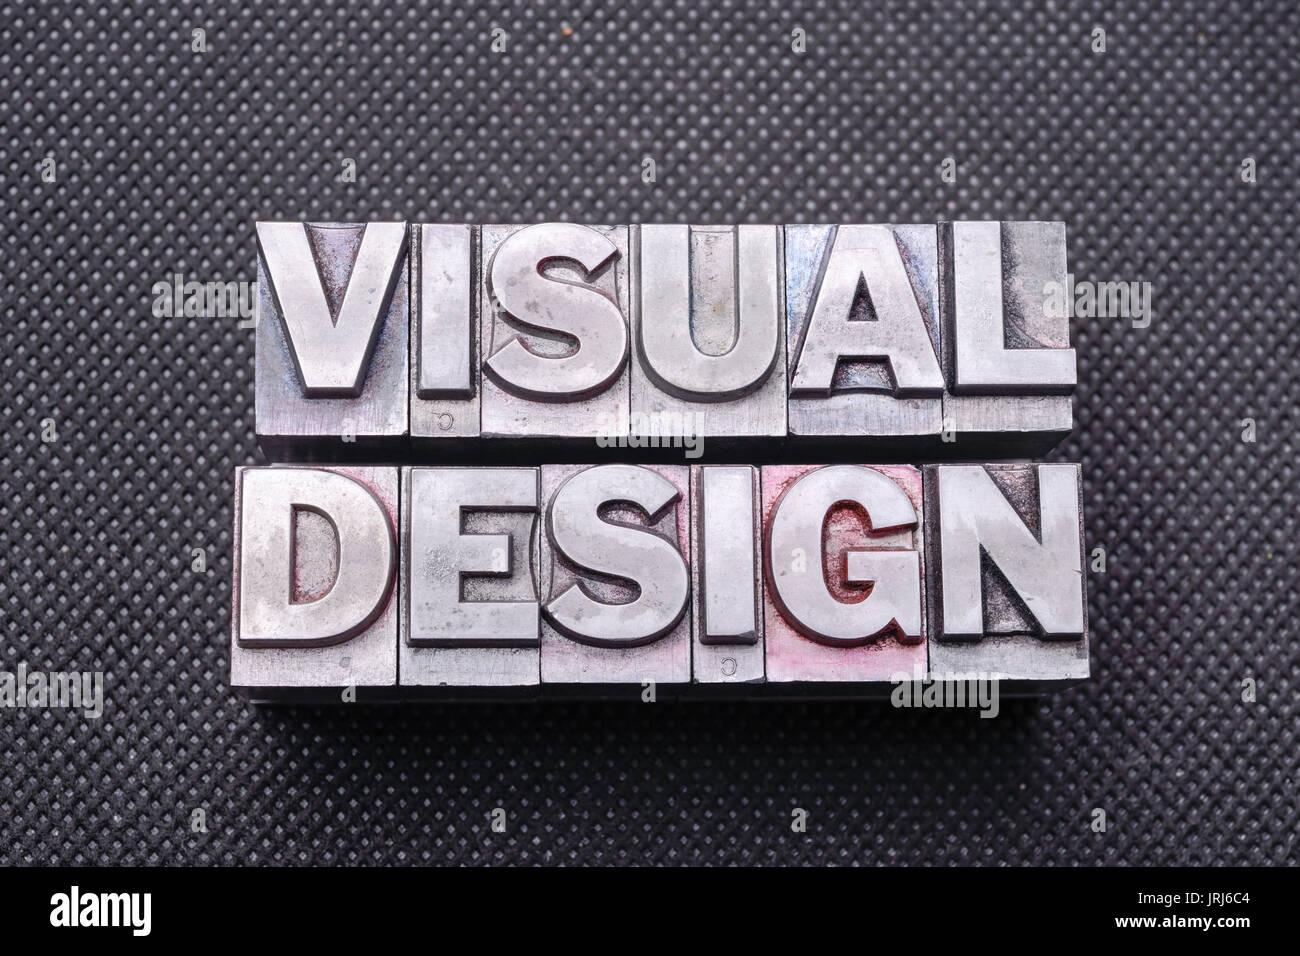 Visuelle Gestaltung Satz aus metallischen Buchdruck Blöcken auf Schwarz perforierte Oberfläche Stockbild